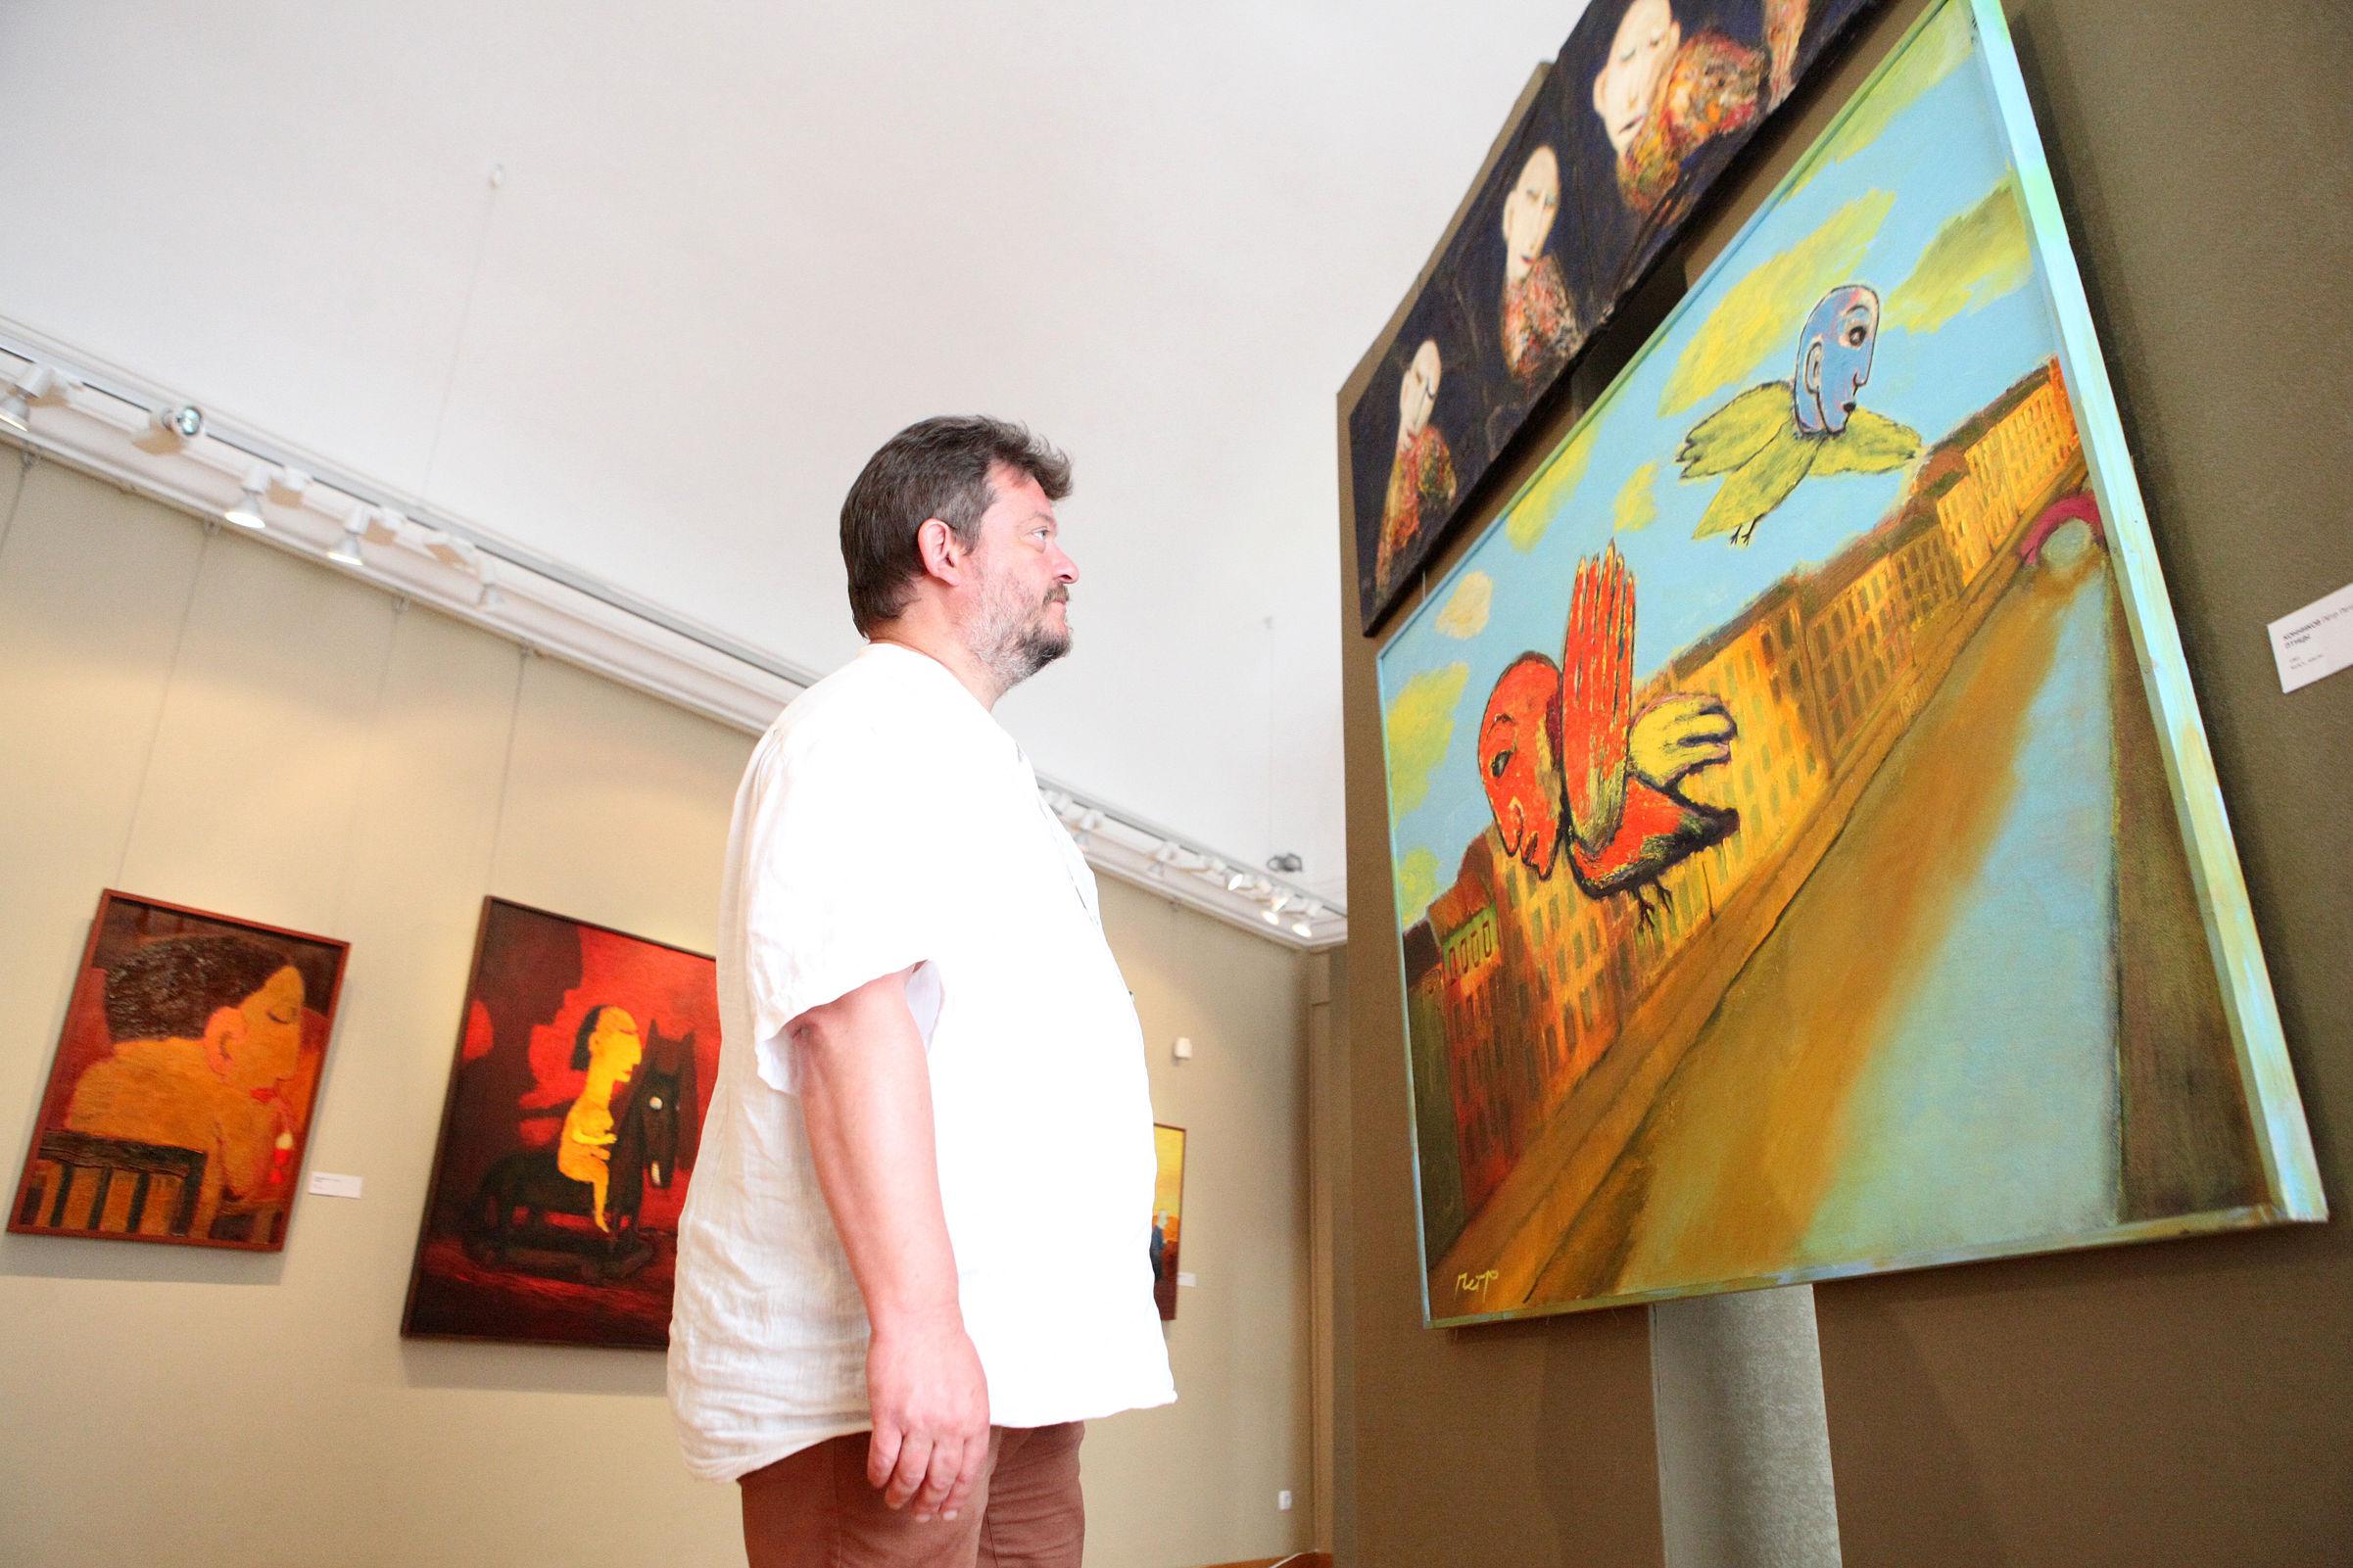 Землякам в дар. Ярославскому музею передали полотна прославившегося в Питере художника